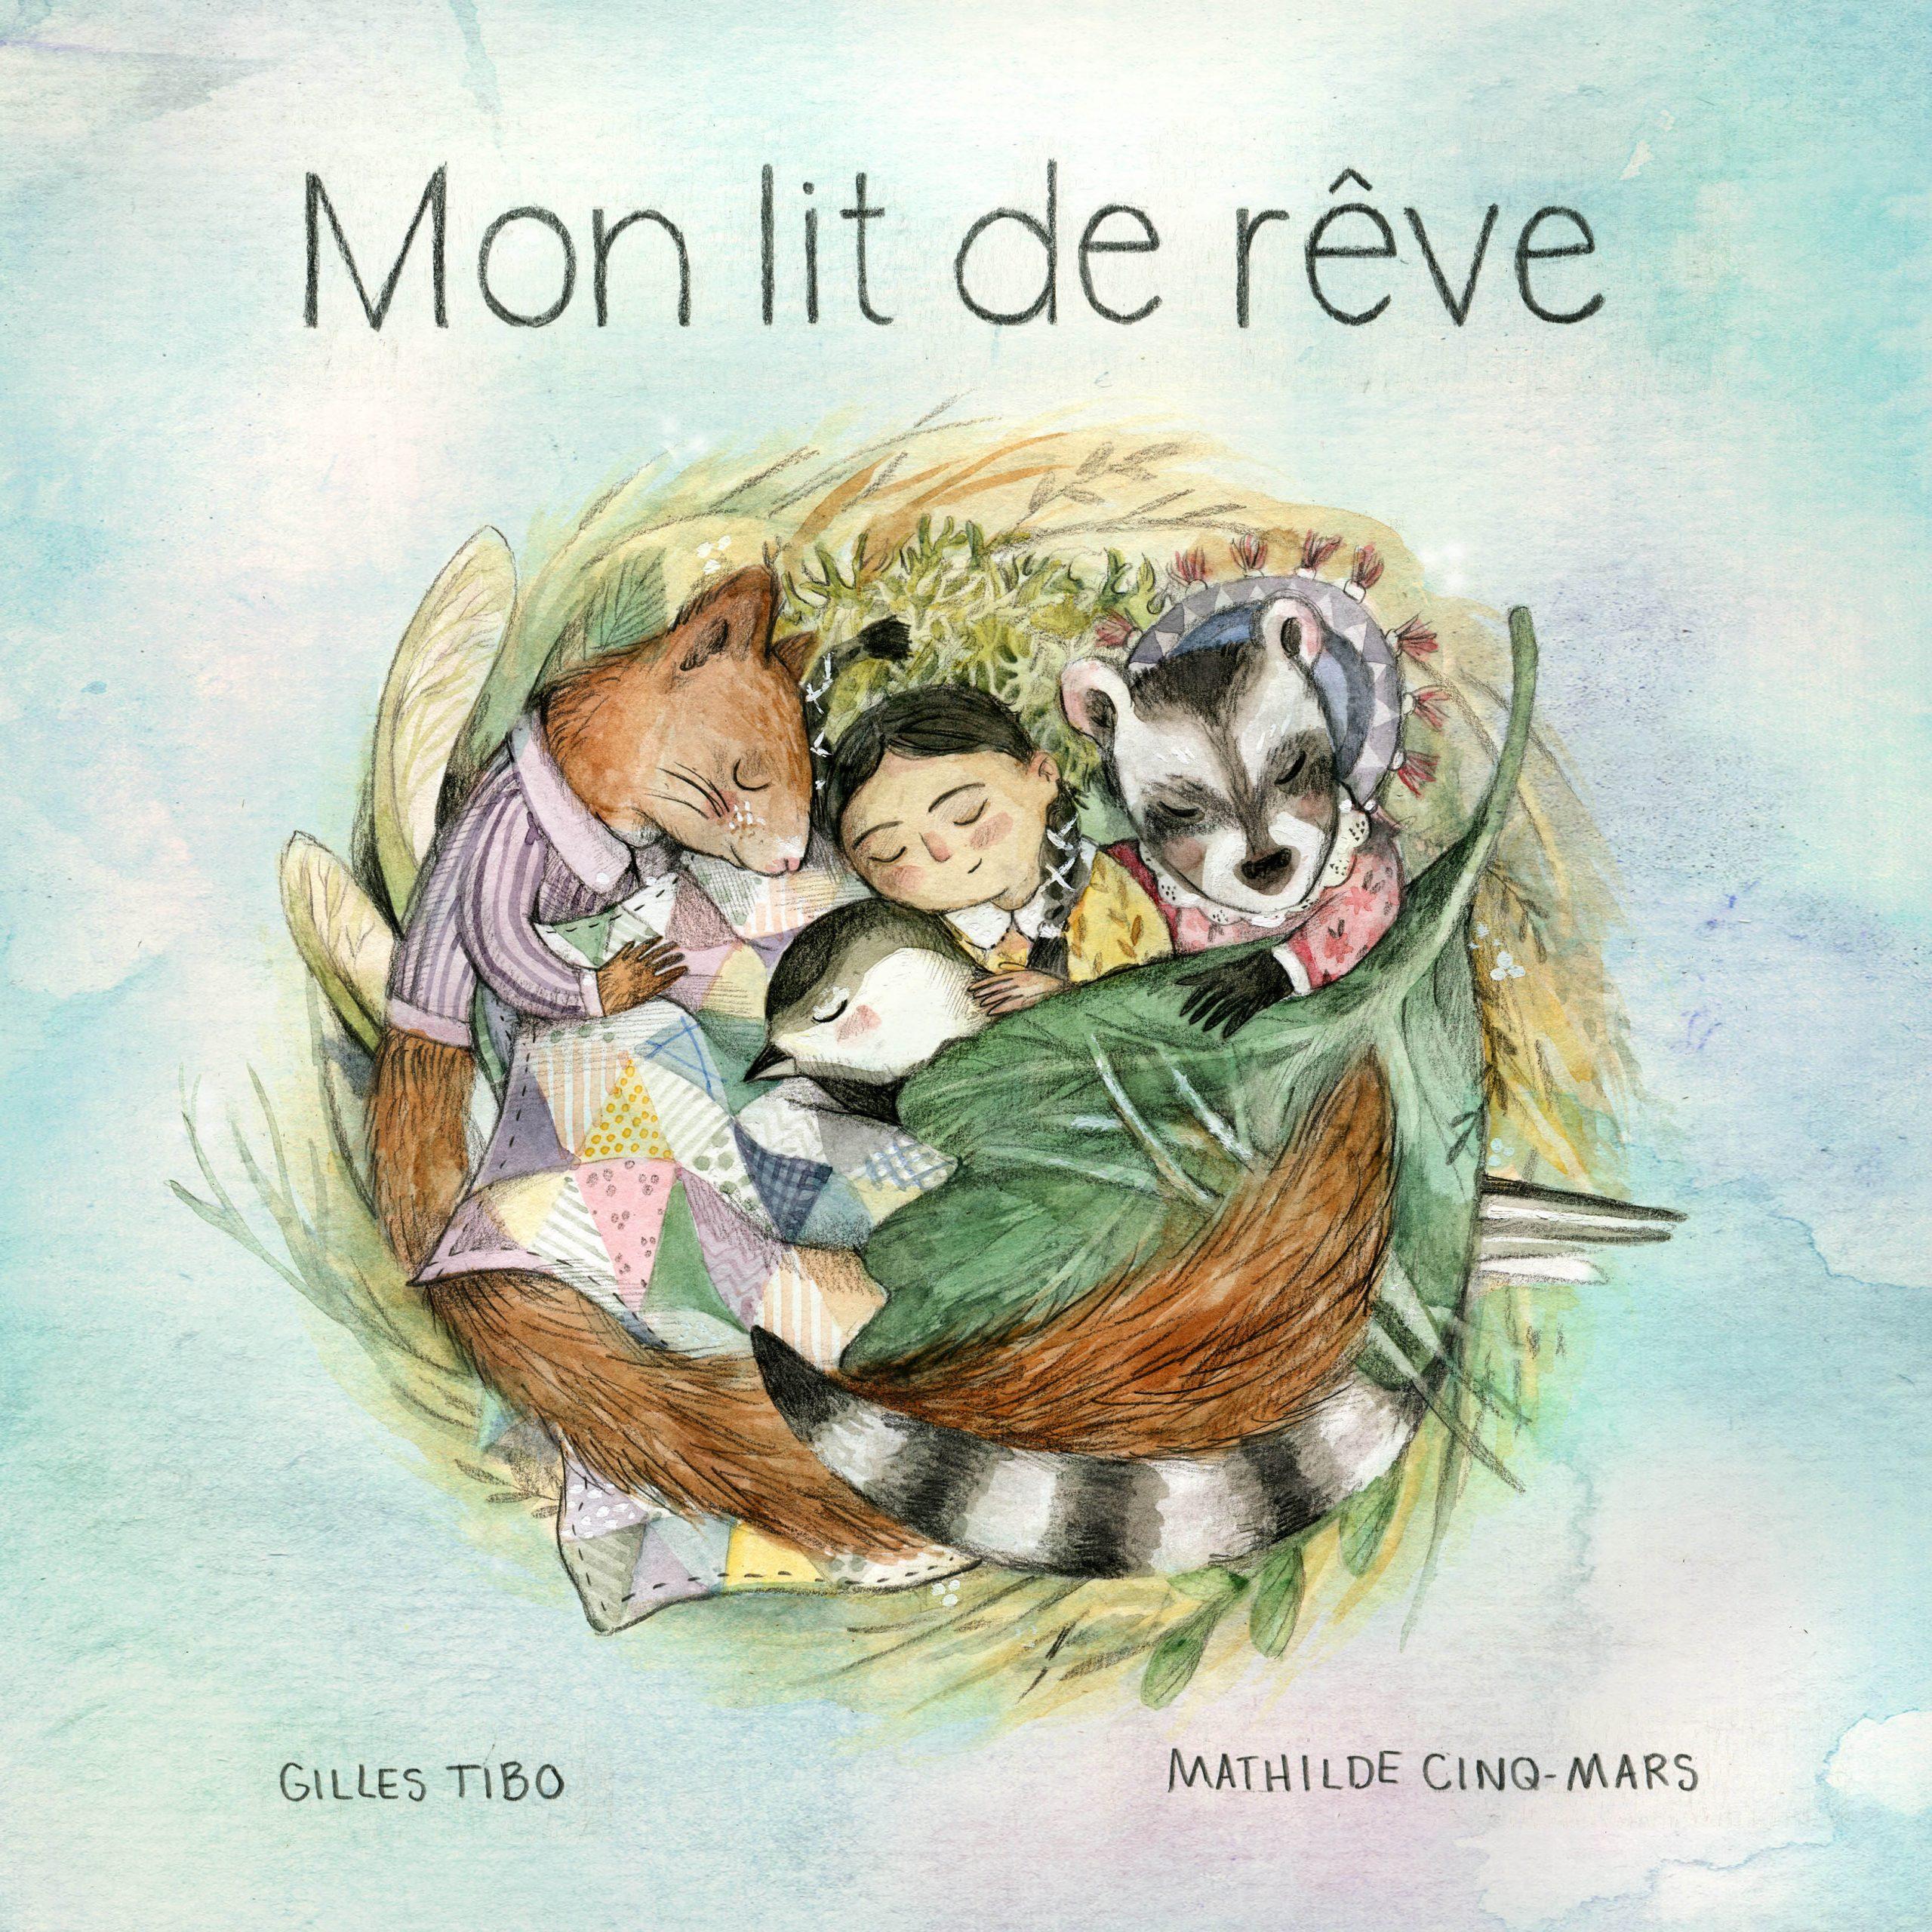 Mon lit de rêve - Éditions de Isatis